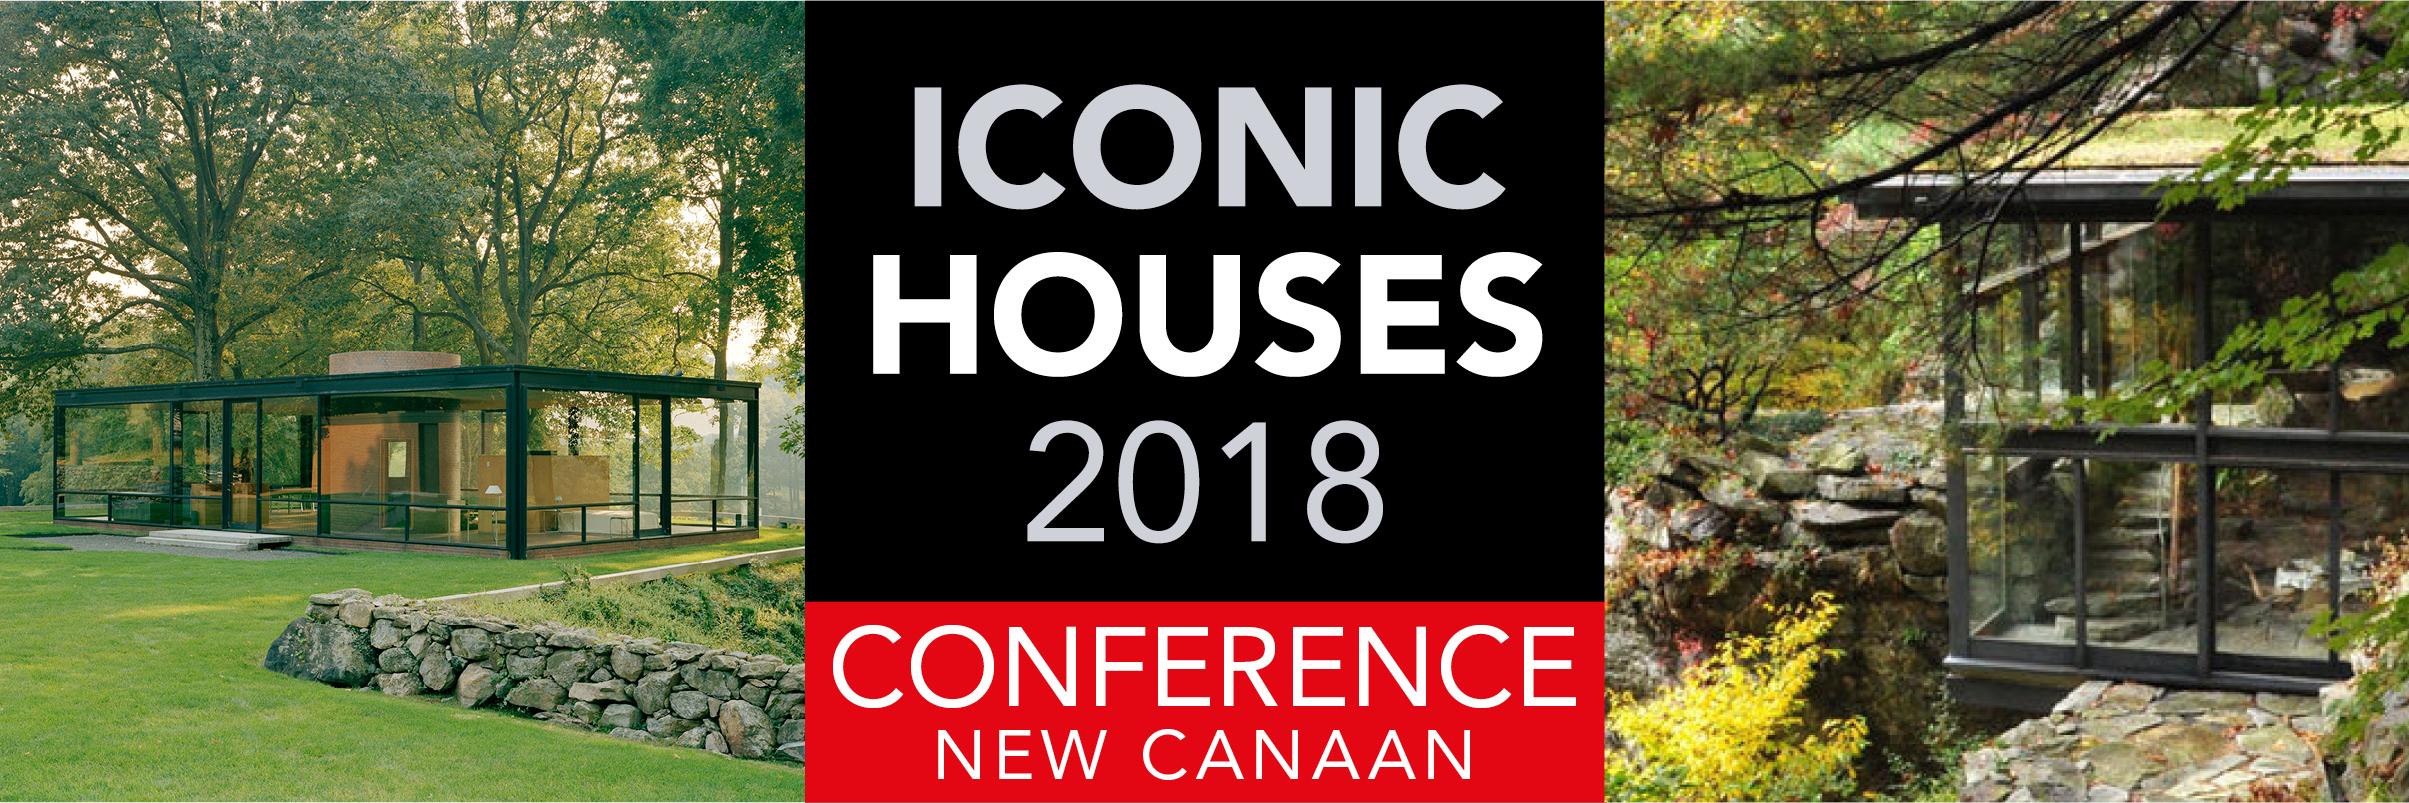 Iconic Houses 2018